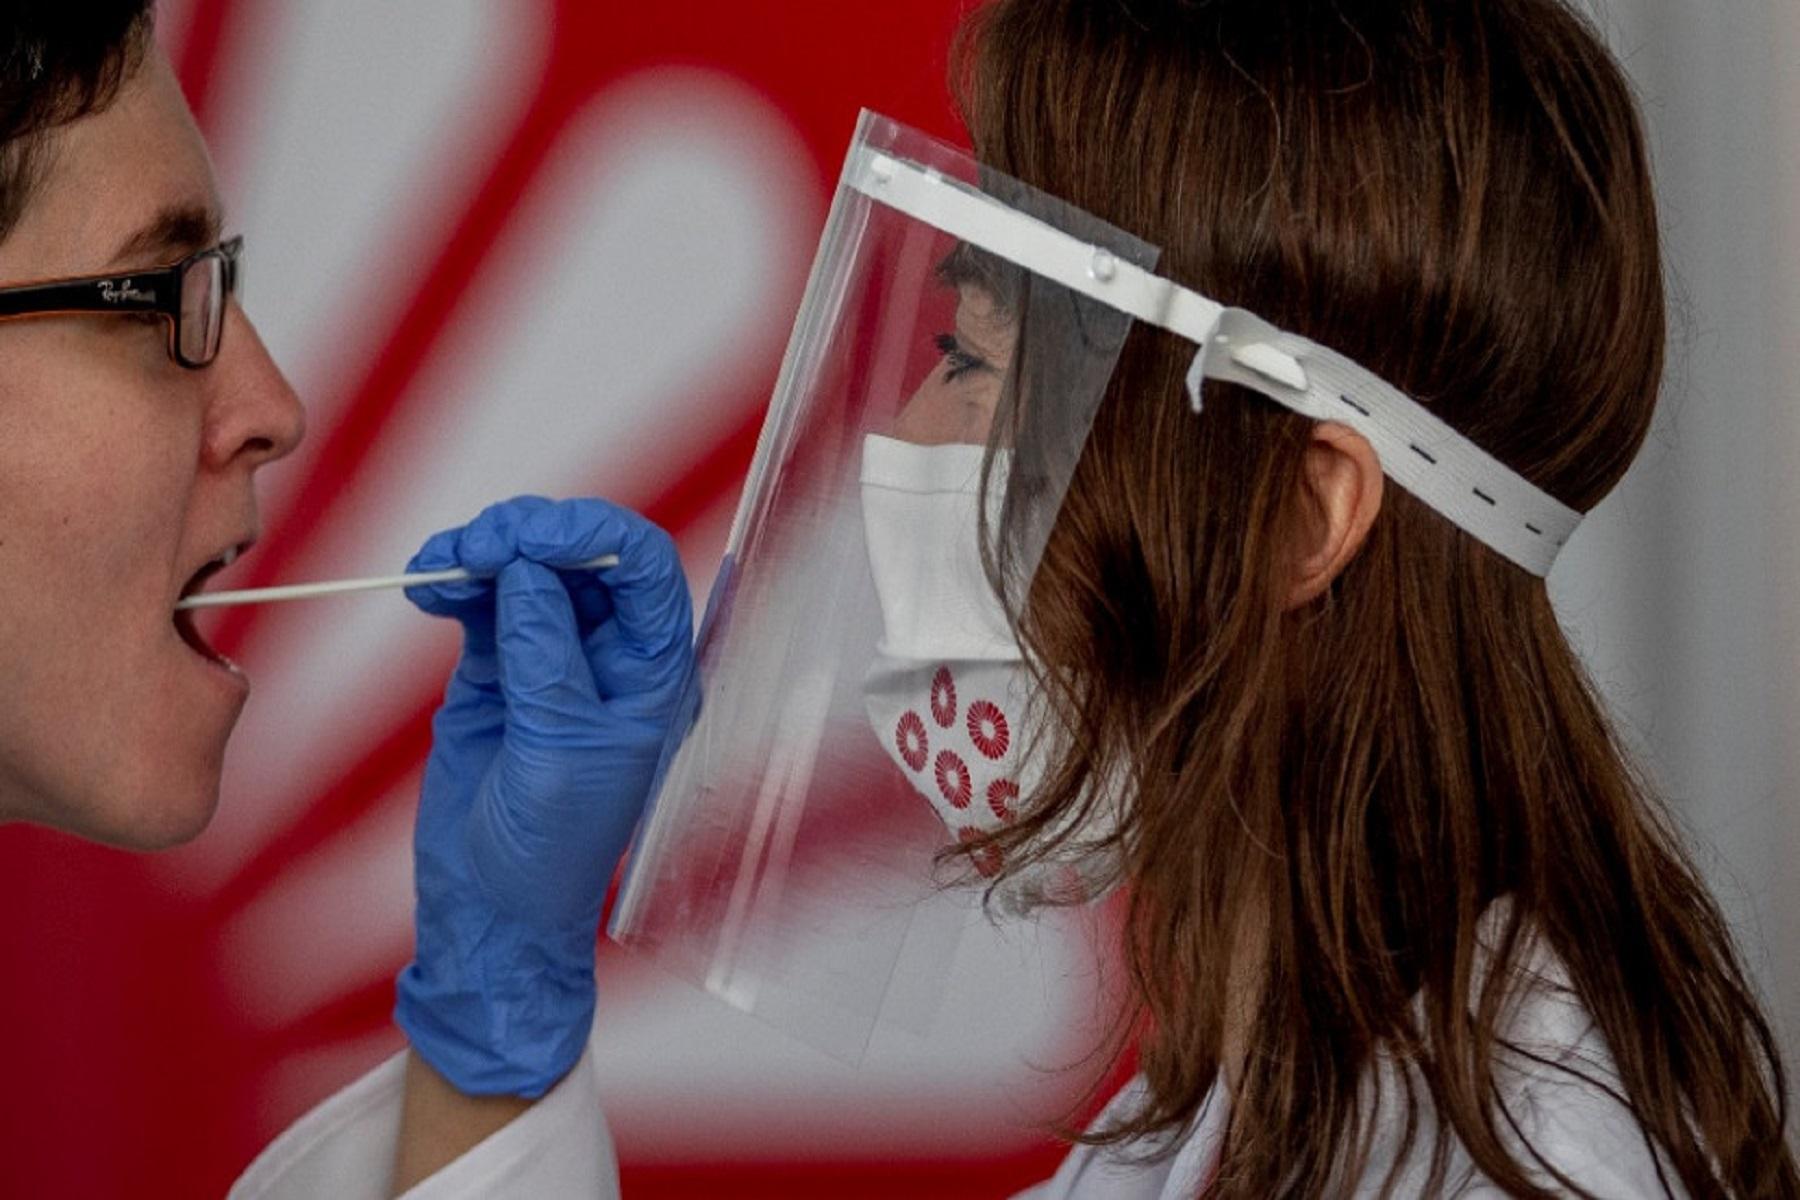 FDA ΗΠΑ: Εγκρίθηκε το πρώτο τεστ αυτοελέγχου για Covid-19